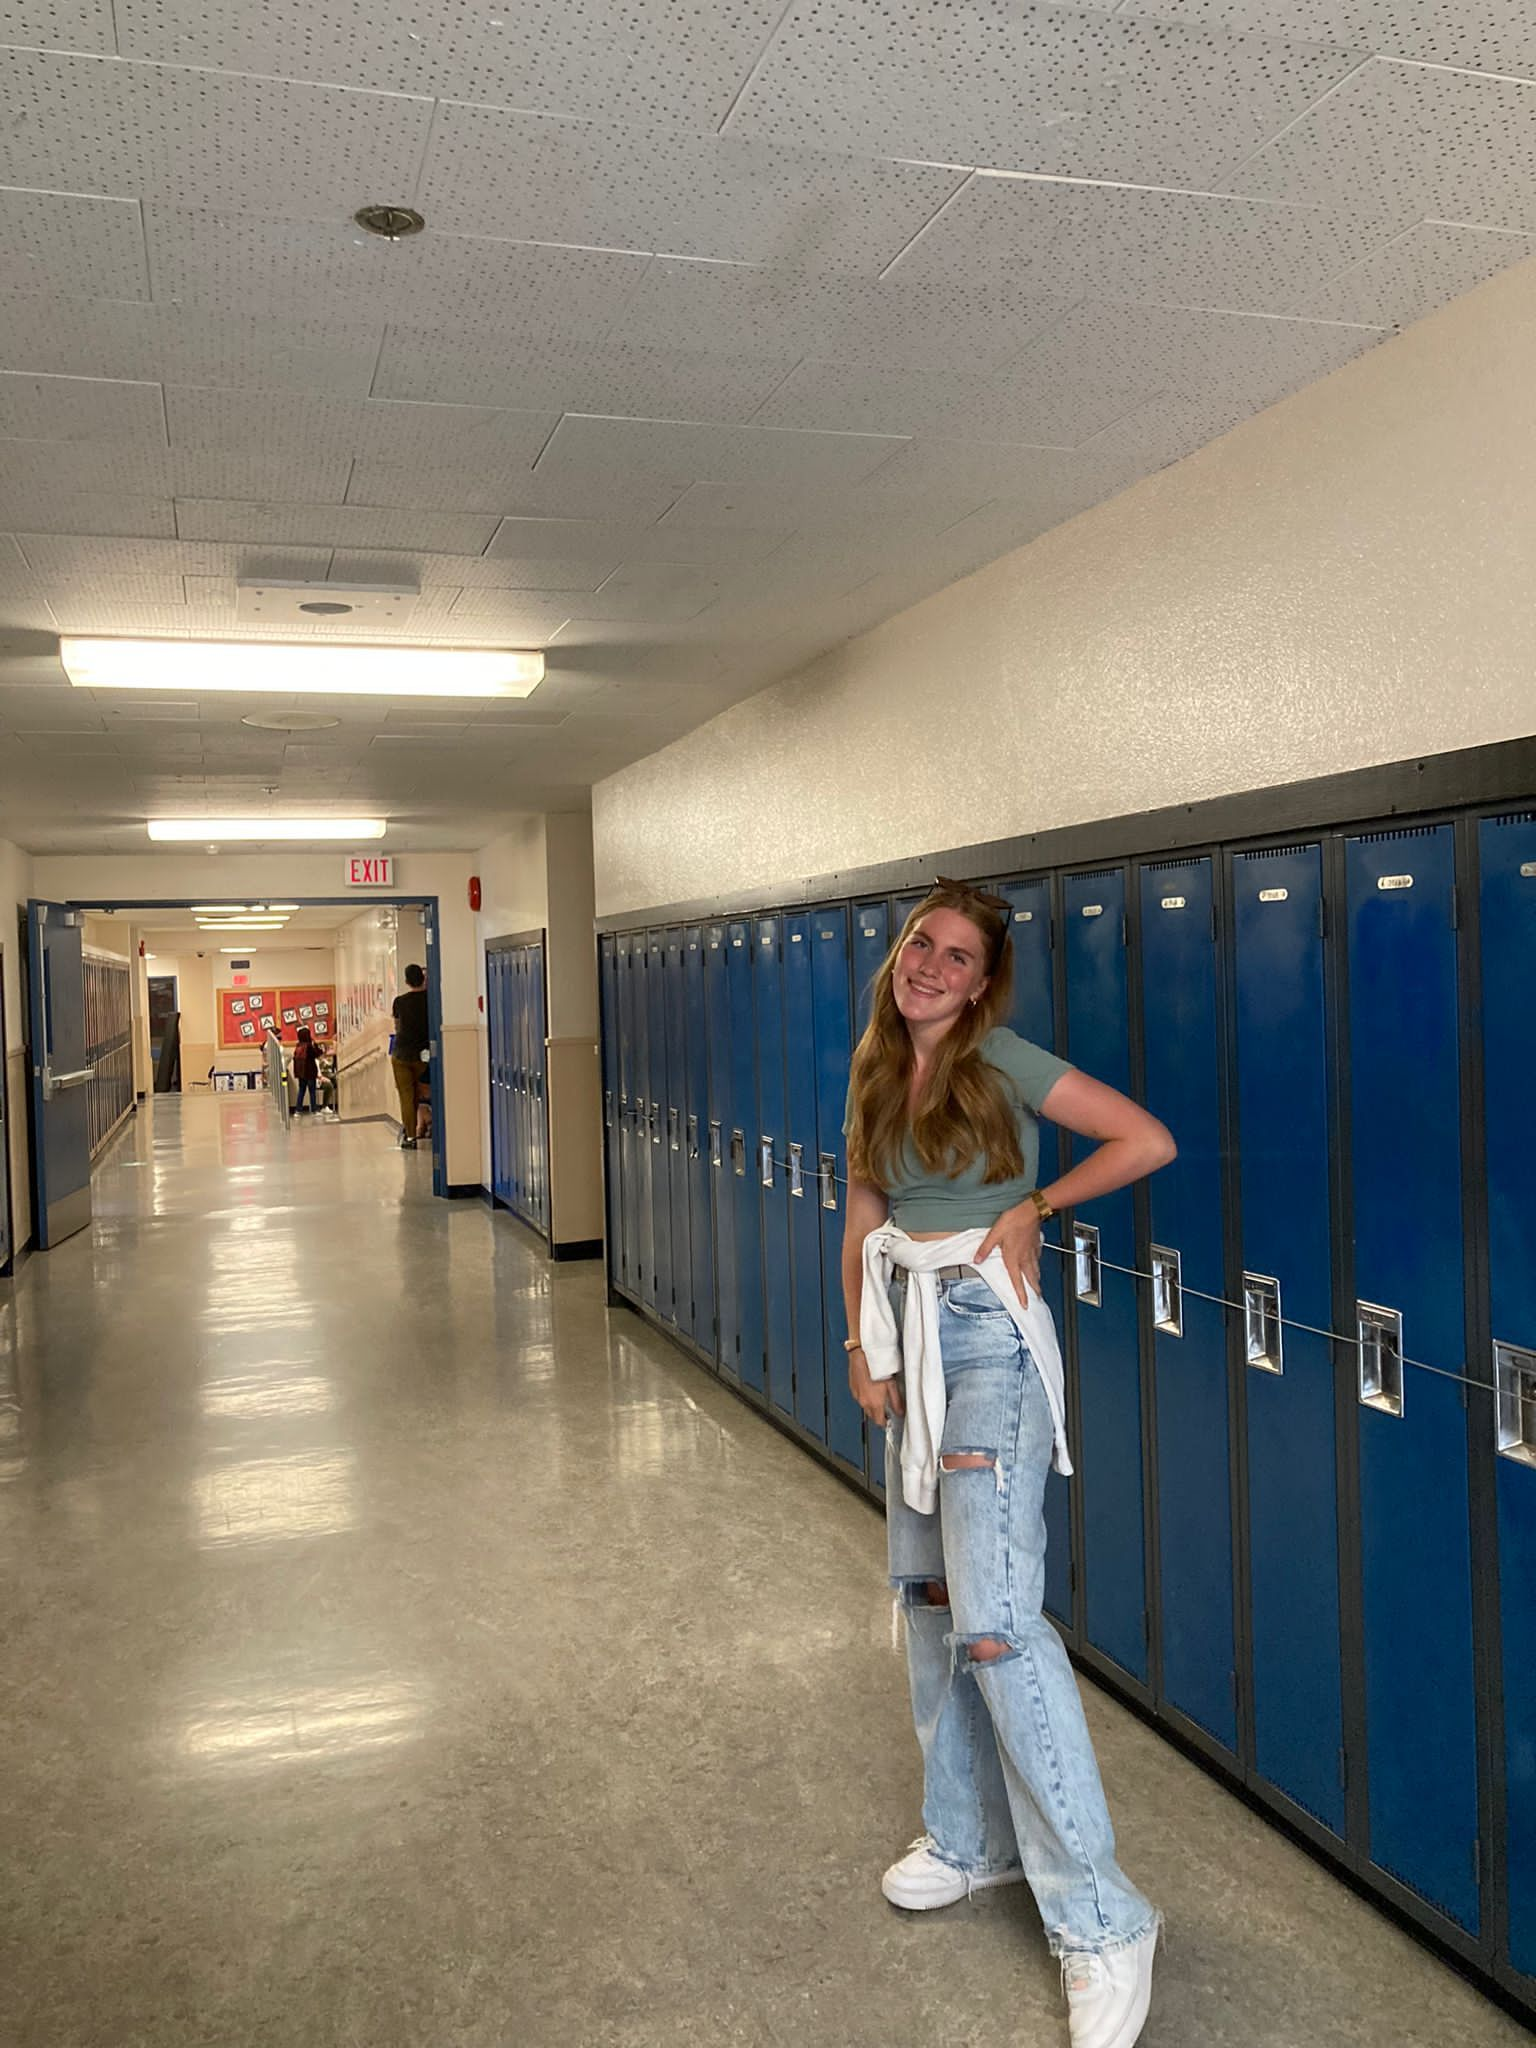 Teilnehmerin in typisch amerikanischer High School vor Schulspinden